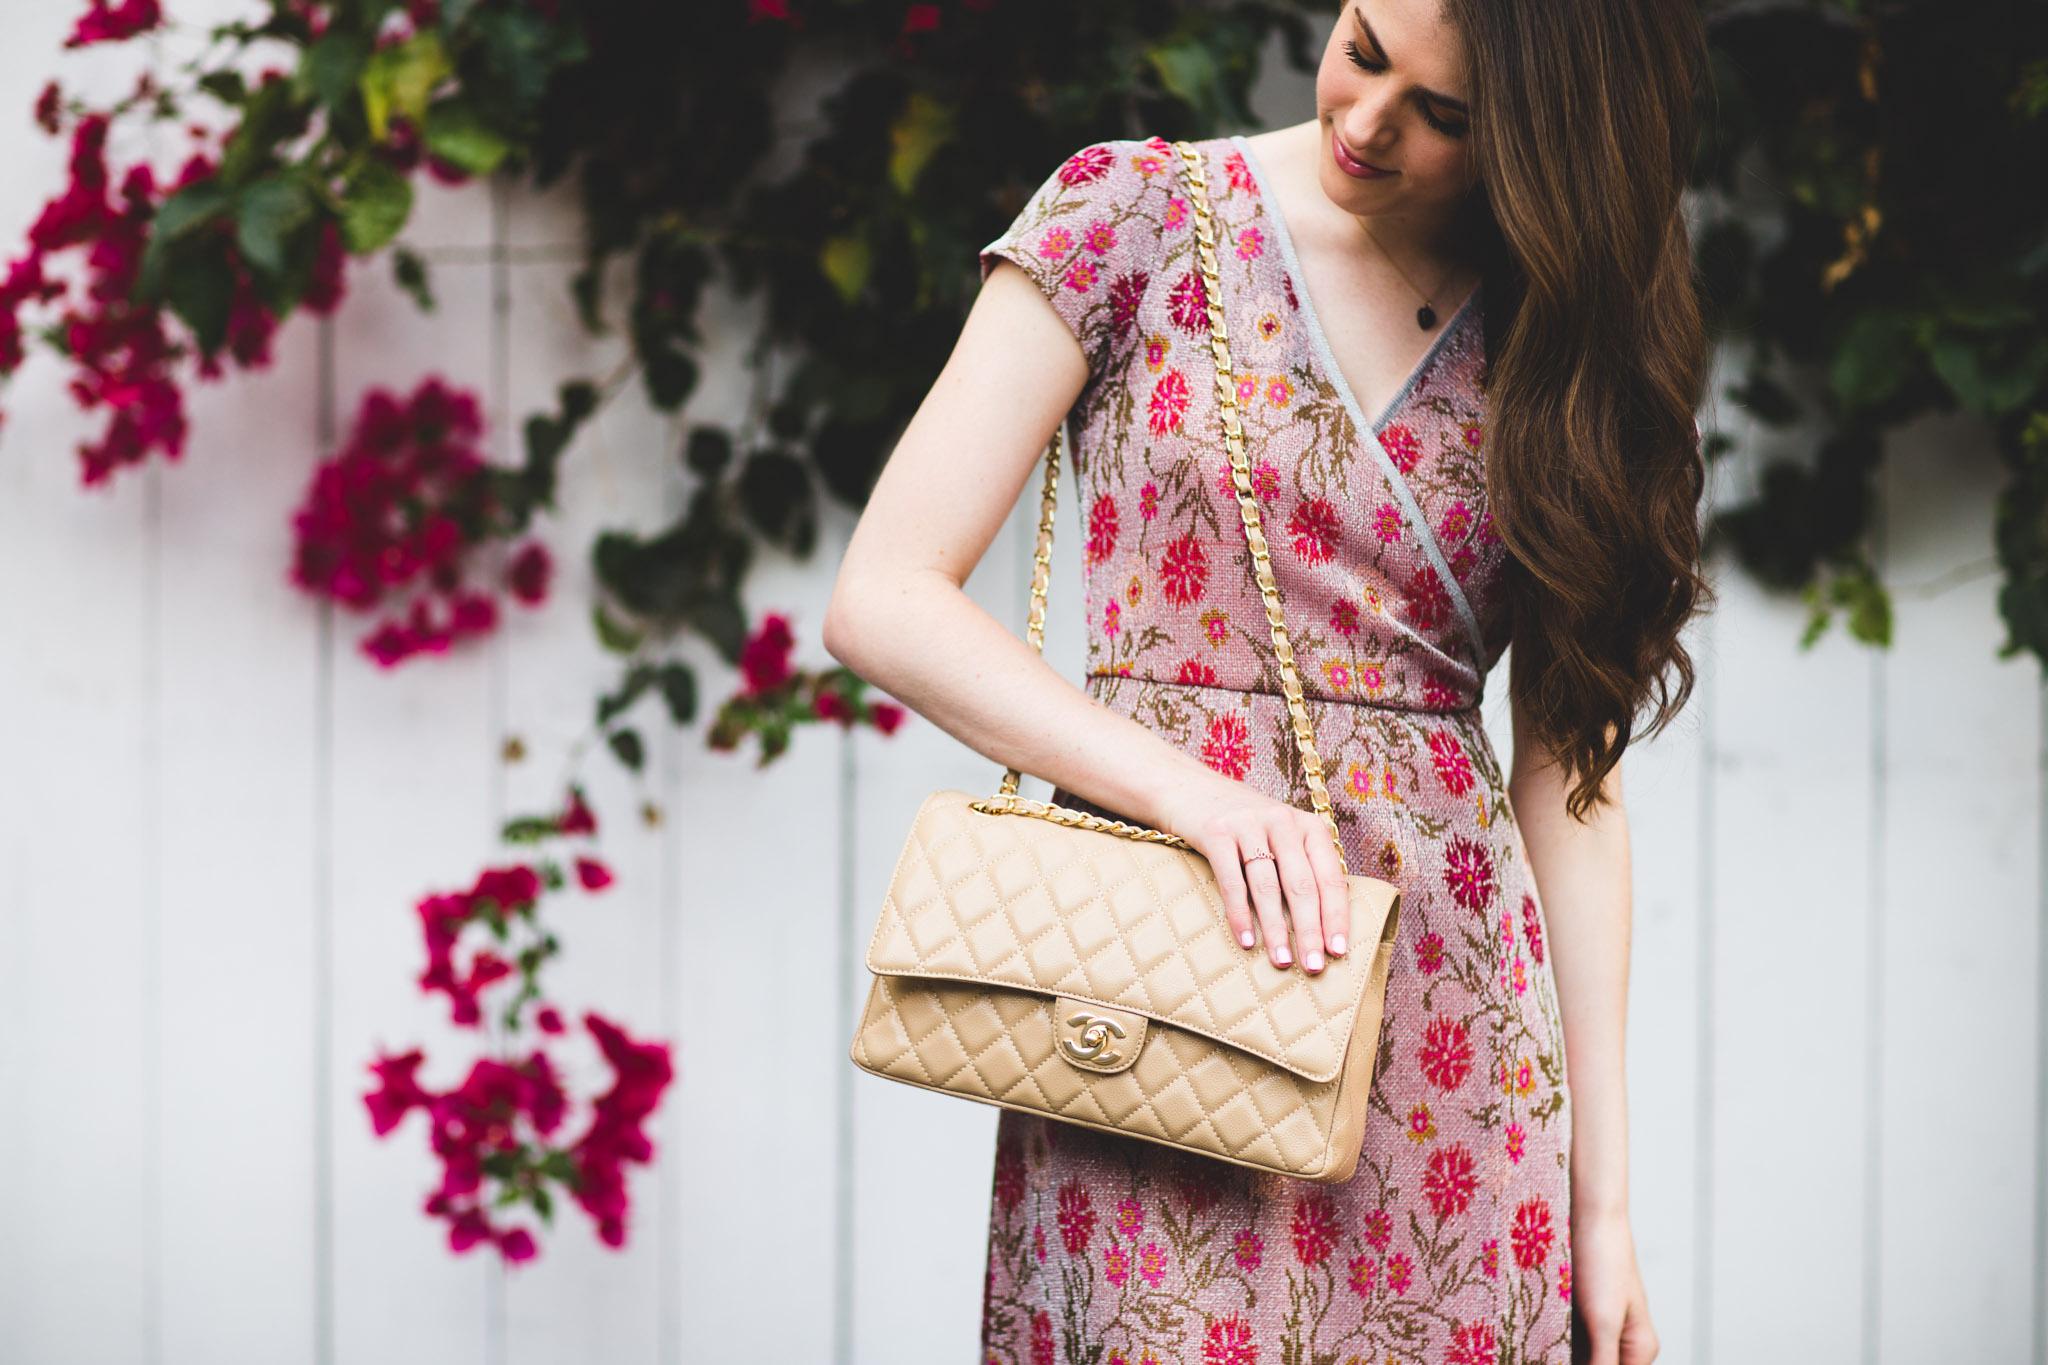 Camel Chanel handbag